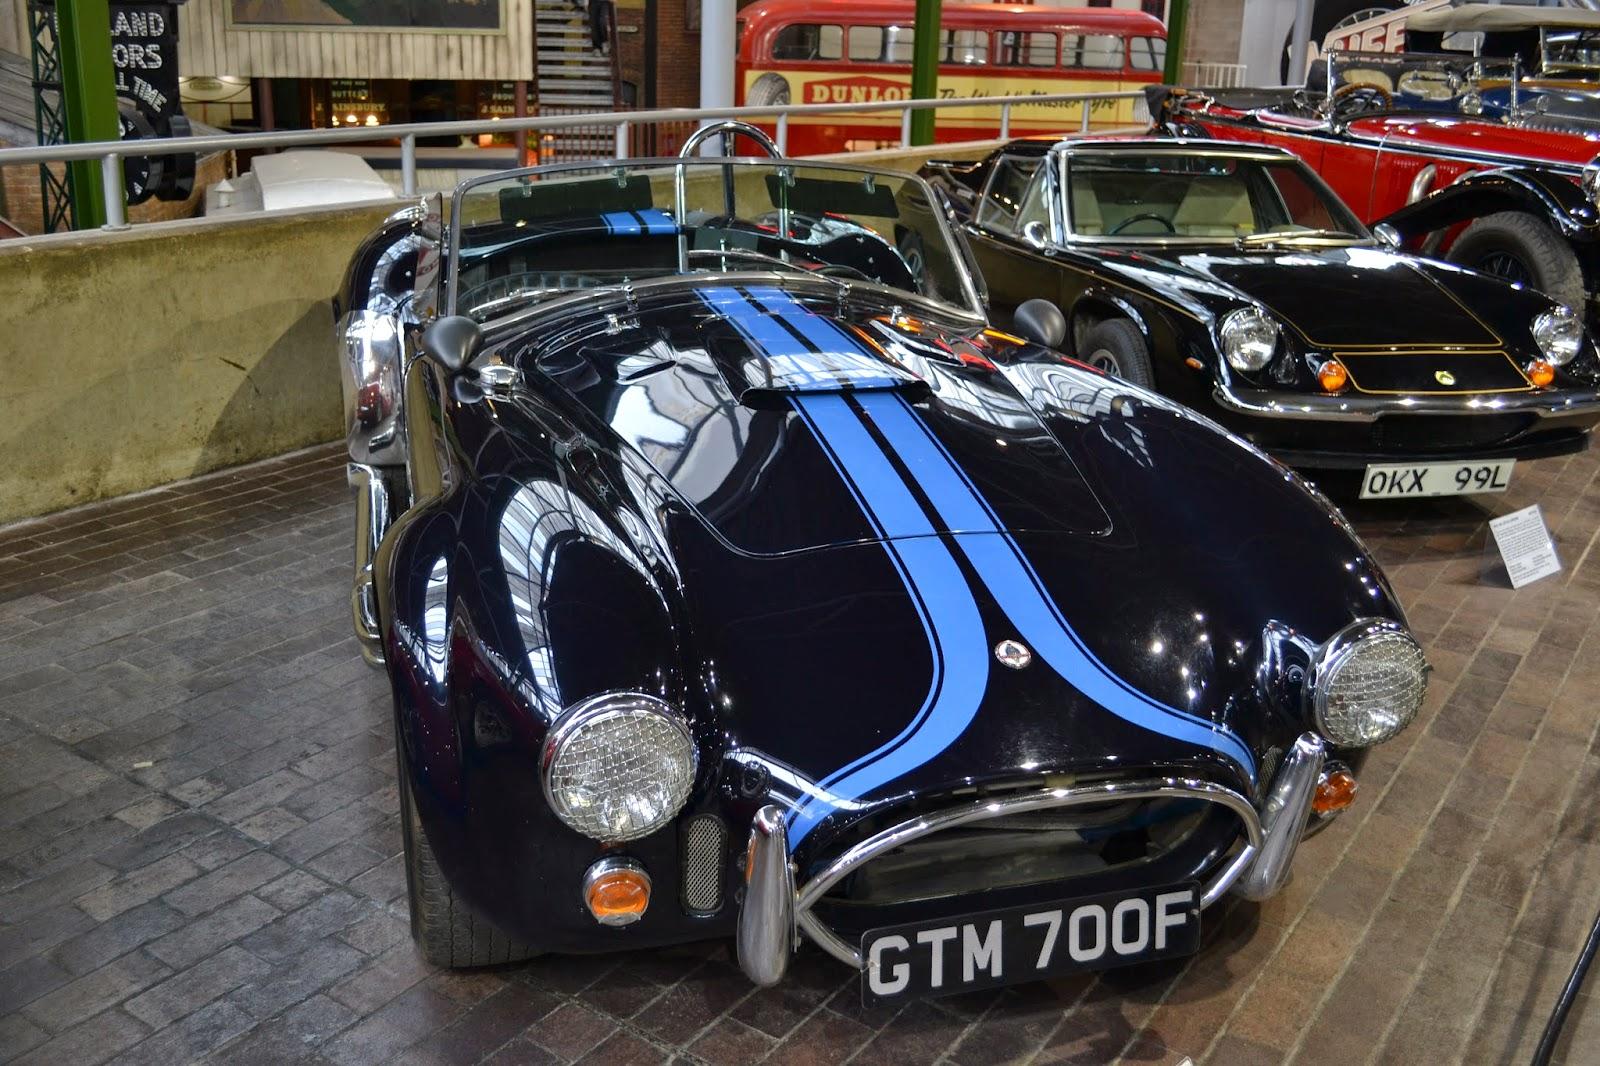 Classic car at Beaulieu National Motor Museum